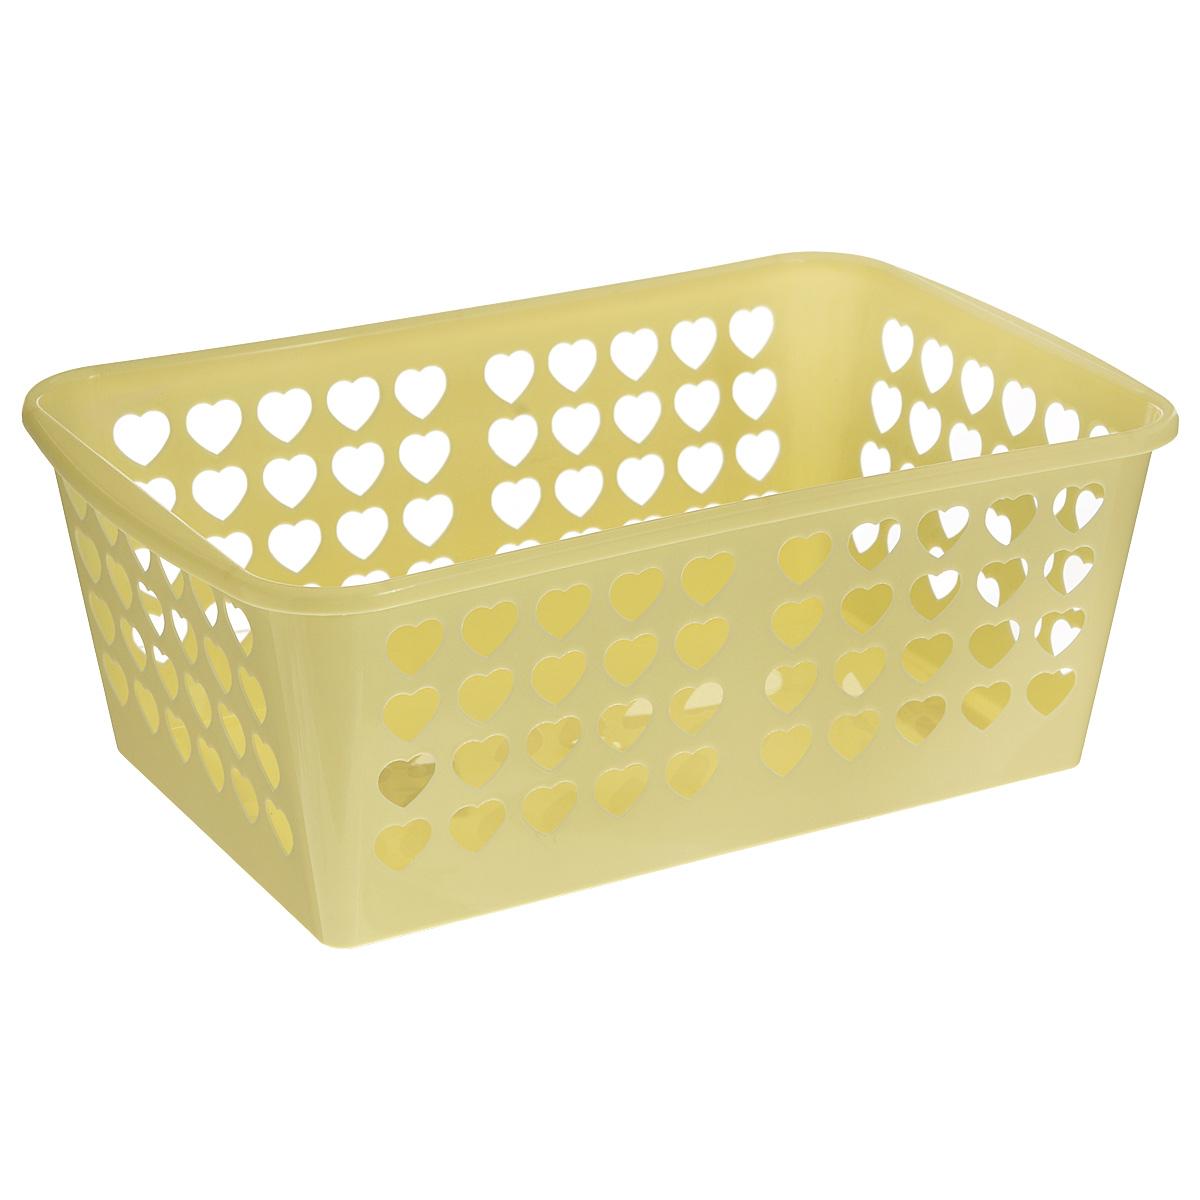 Корзина Альтернатива Вдохновение, цвет: желтый, 30 х 20 х 11,5 смRG-D31SКорзина Альтернатива Вдохновение выполнена из пластика и оформлена перфорацией в виде сердечек. Изделие имеет сплошное дно и жесткую кромку. Корзина предназначена для хранения мелочей в ванной, на кухне, на даче или в гараже. Позволяет хранить мелкие вещи, исключая возможность их потери.